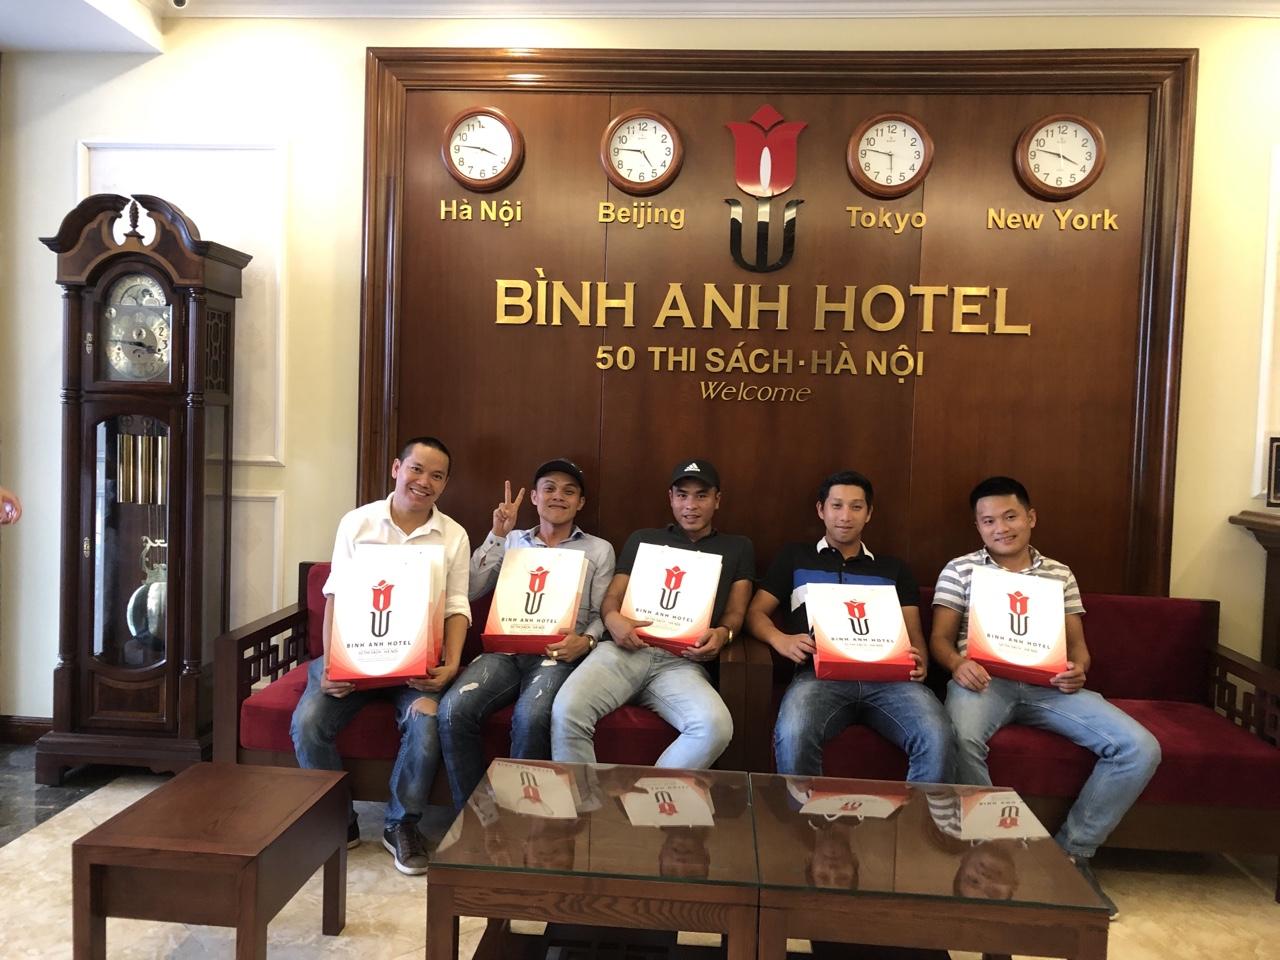 <p>Từ Nha Trang chúng em bay ra ủng hộ khách sạn chị sau mùa dịch Covid, khách sạn ở trung tâm đi chơi rất tiện, chúc cho KS chị ngày càng đông khách!</p>